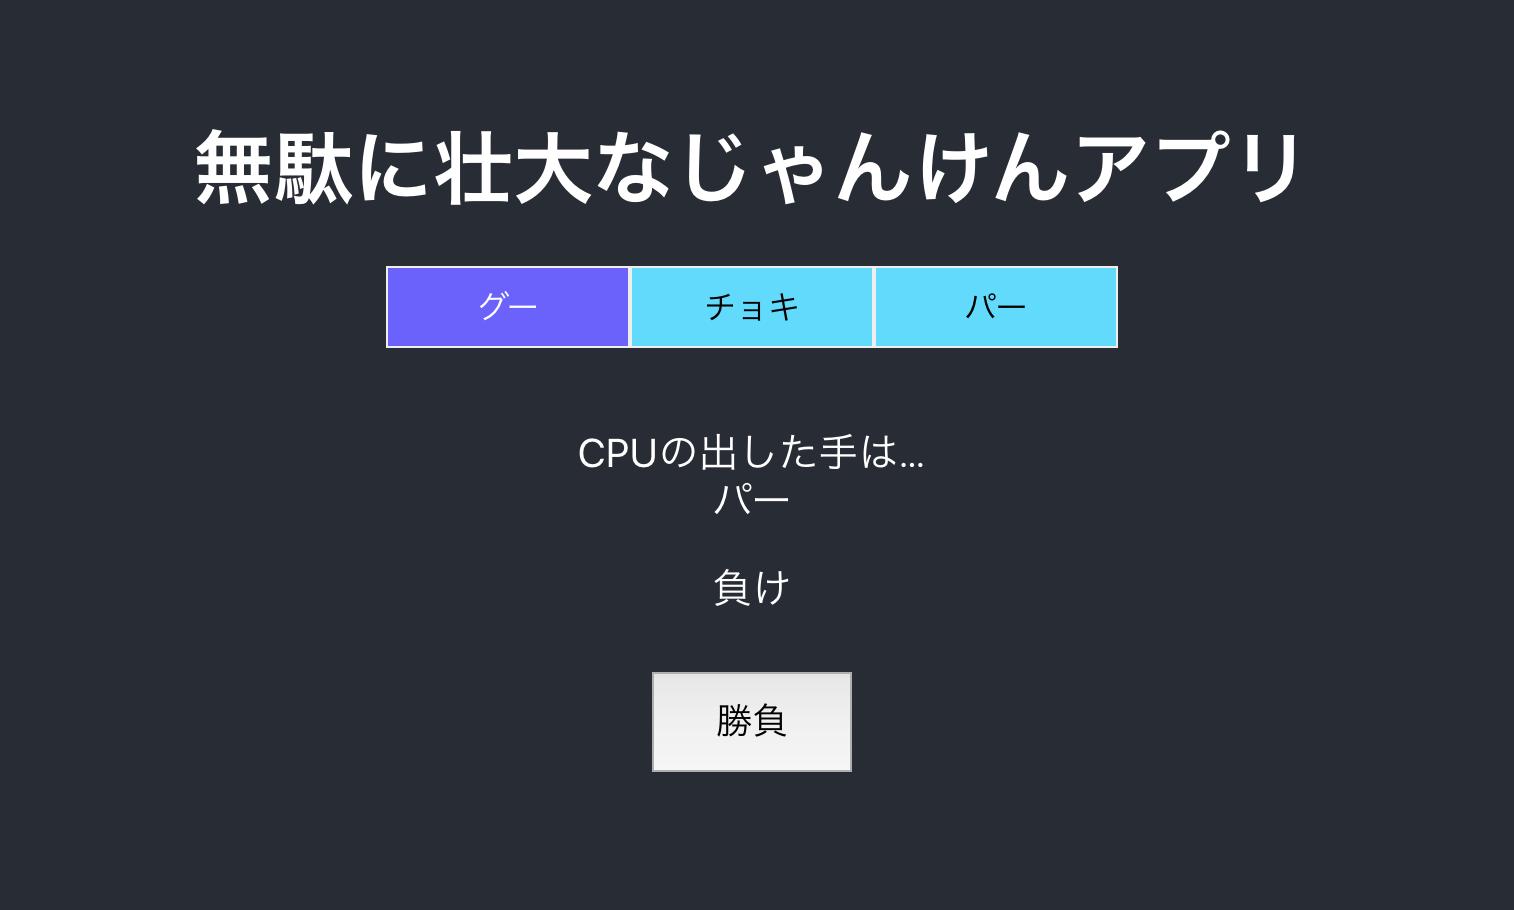 スクリーンショット 2019-02-05 13.42.12.png